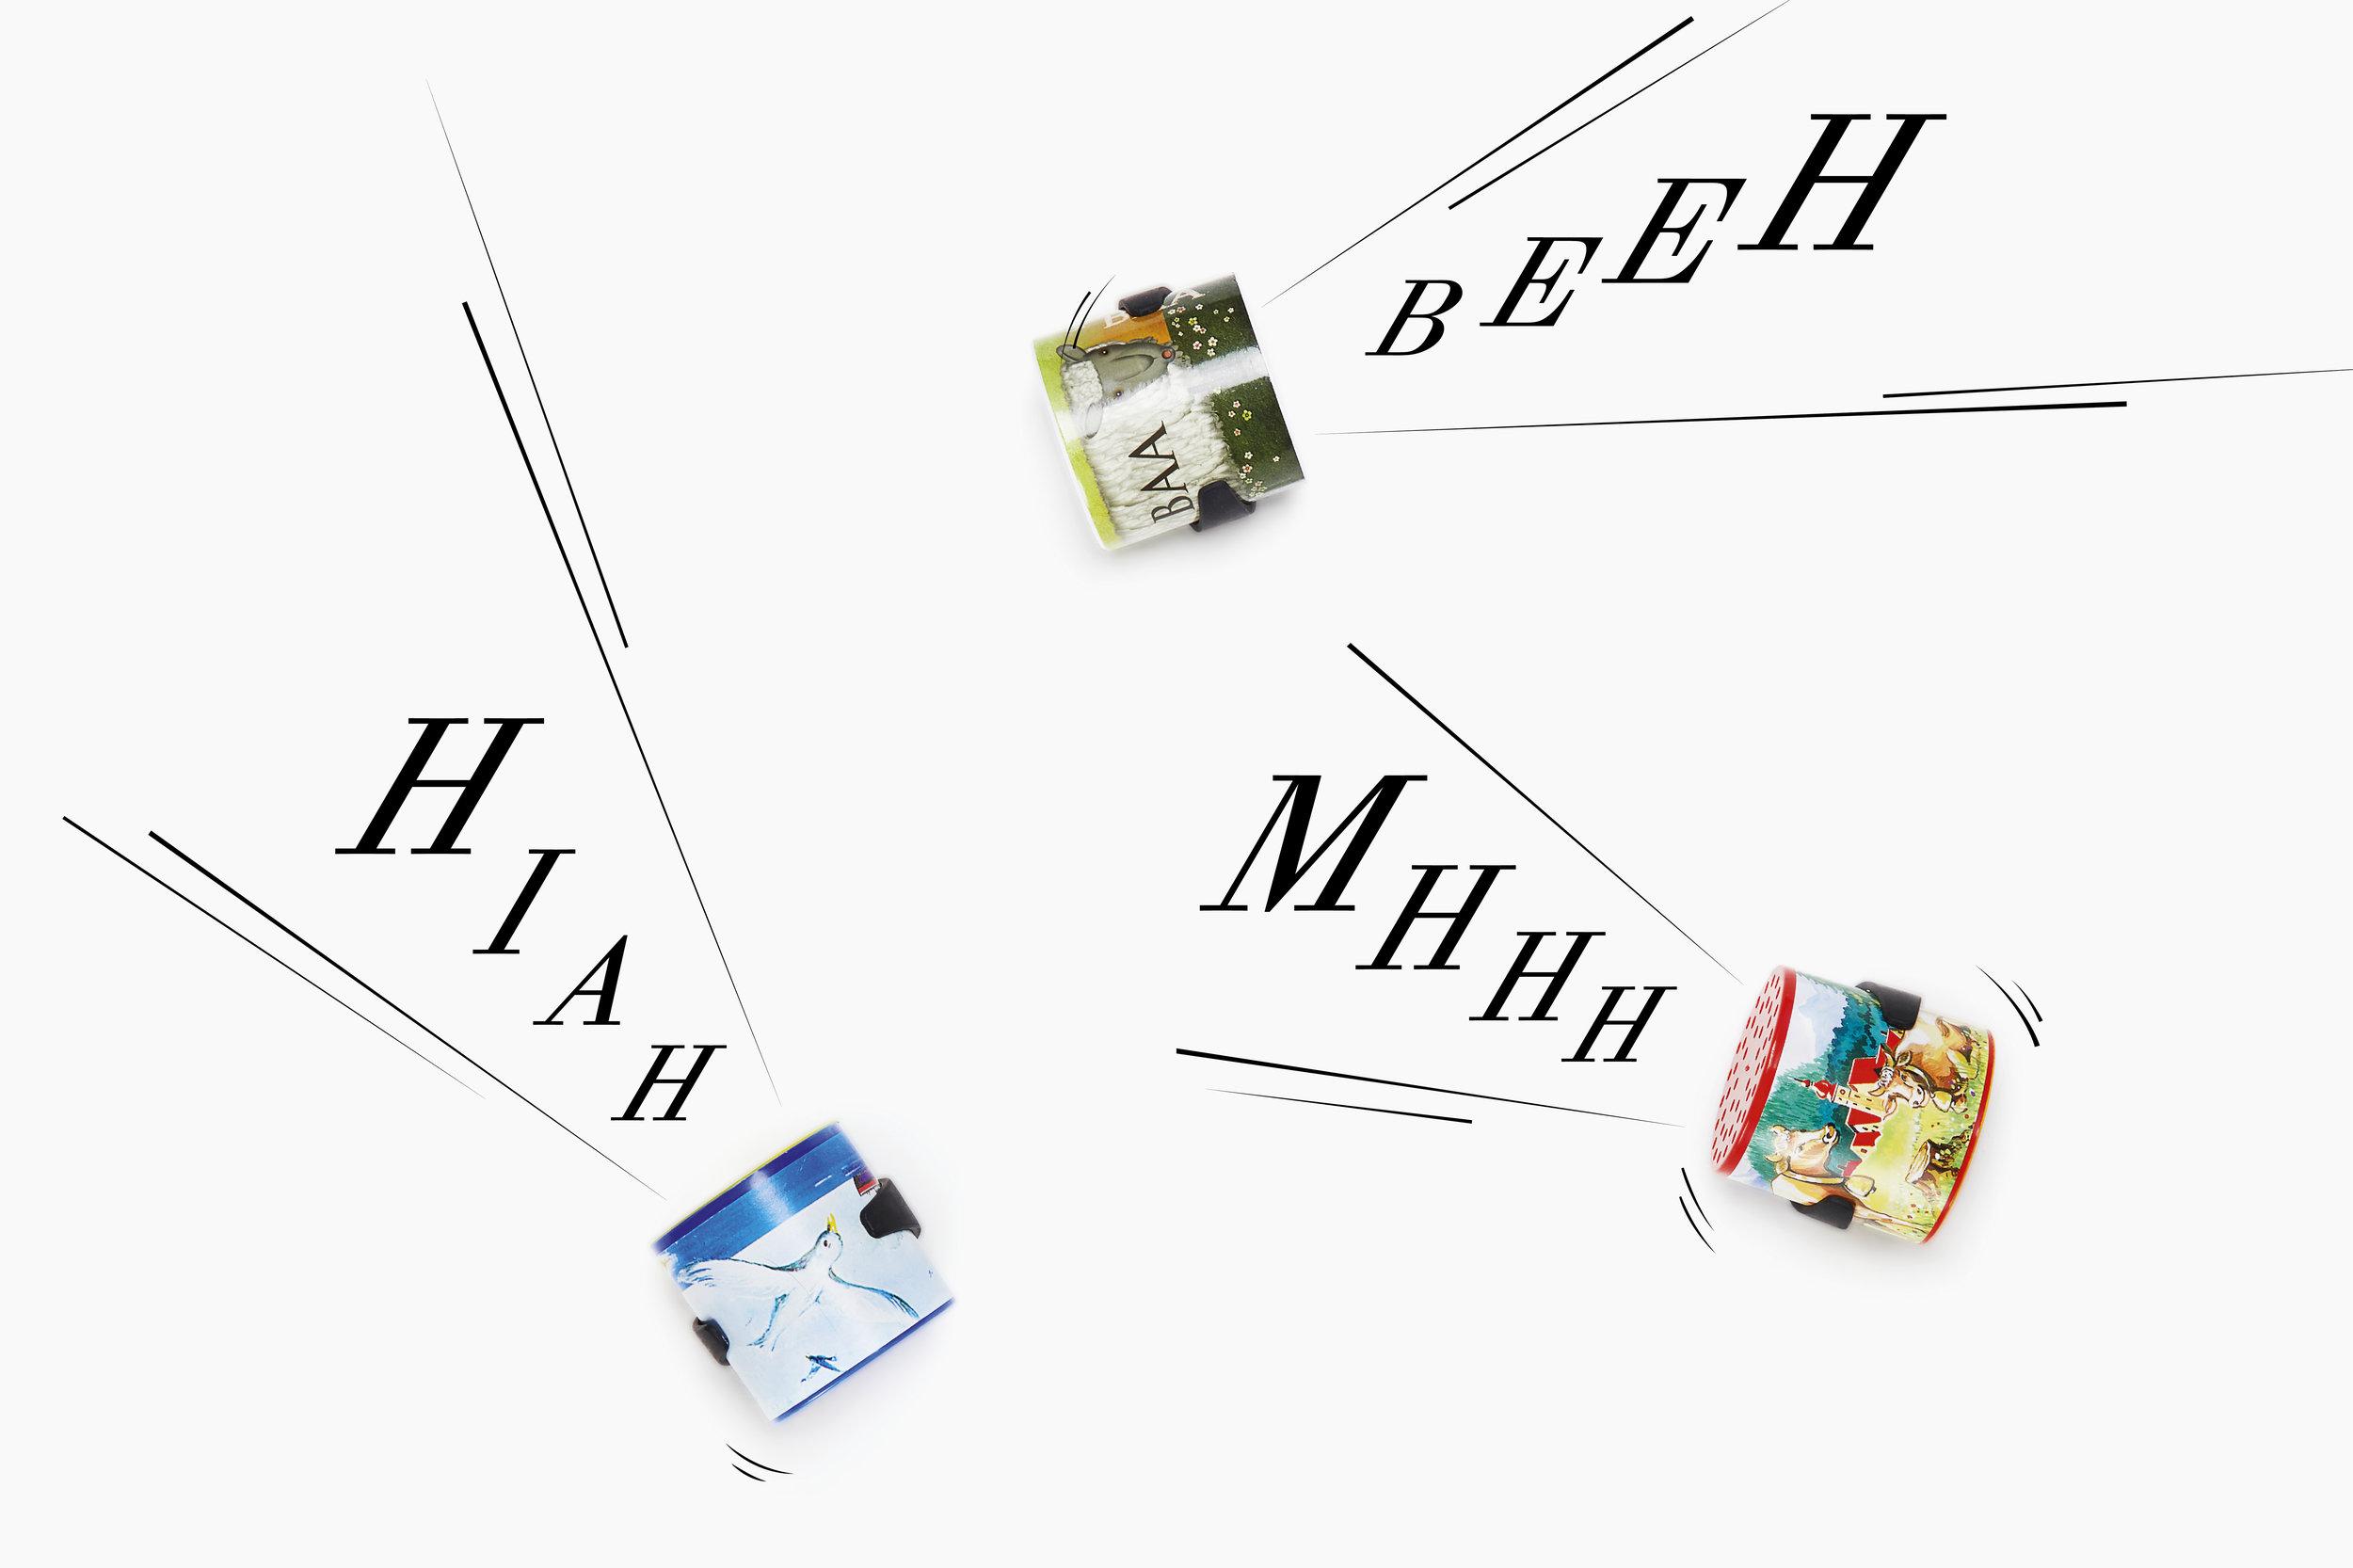 MHHHH, ECAL/Marina Kotter & Alan Schöpfer, Image: ECAL/Calypso Mahieu & Bilal Sebei